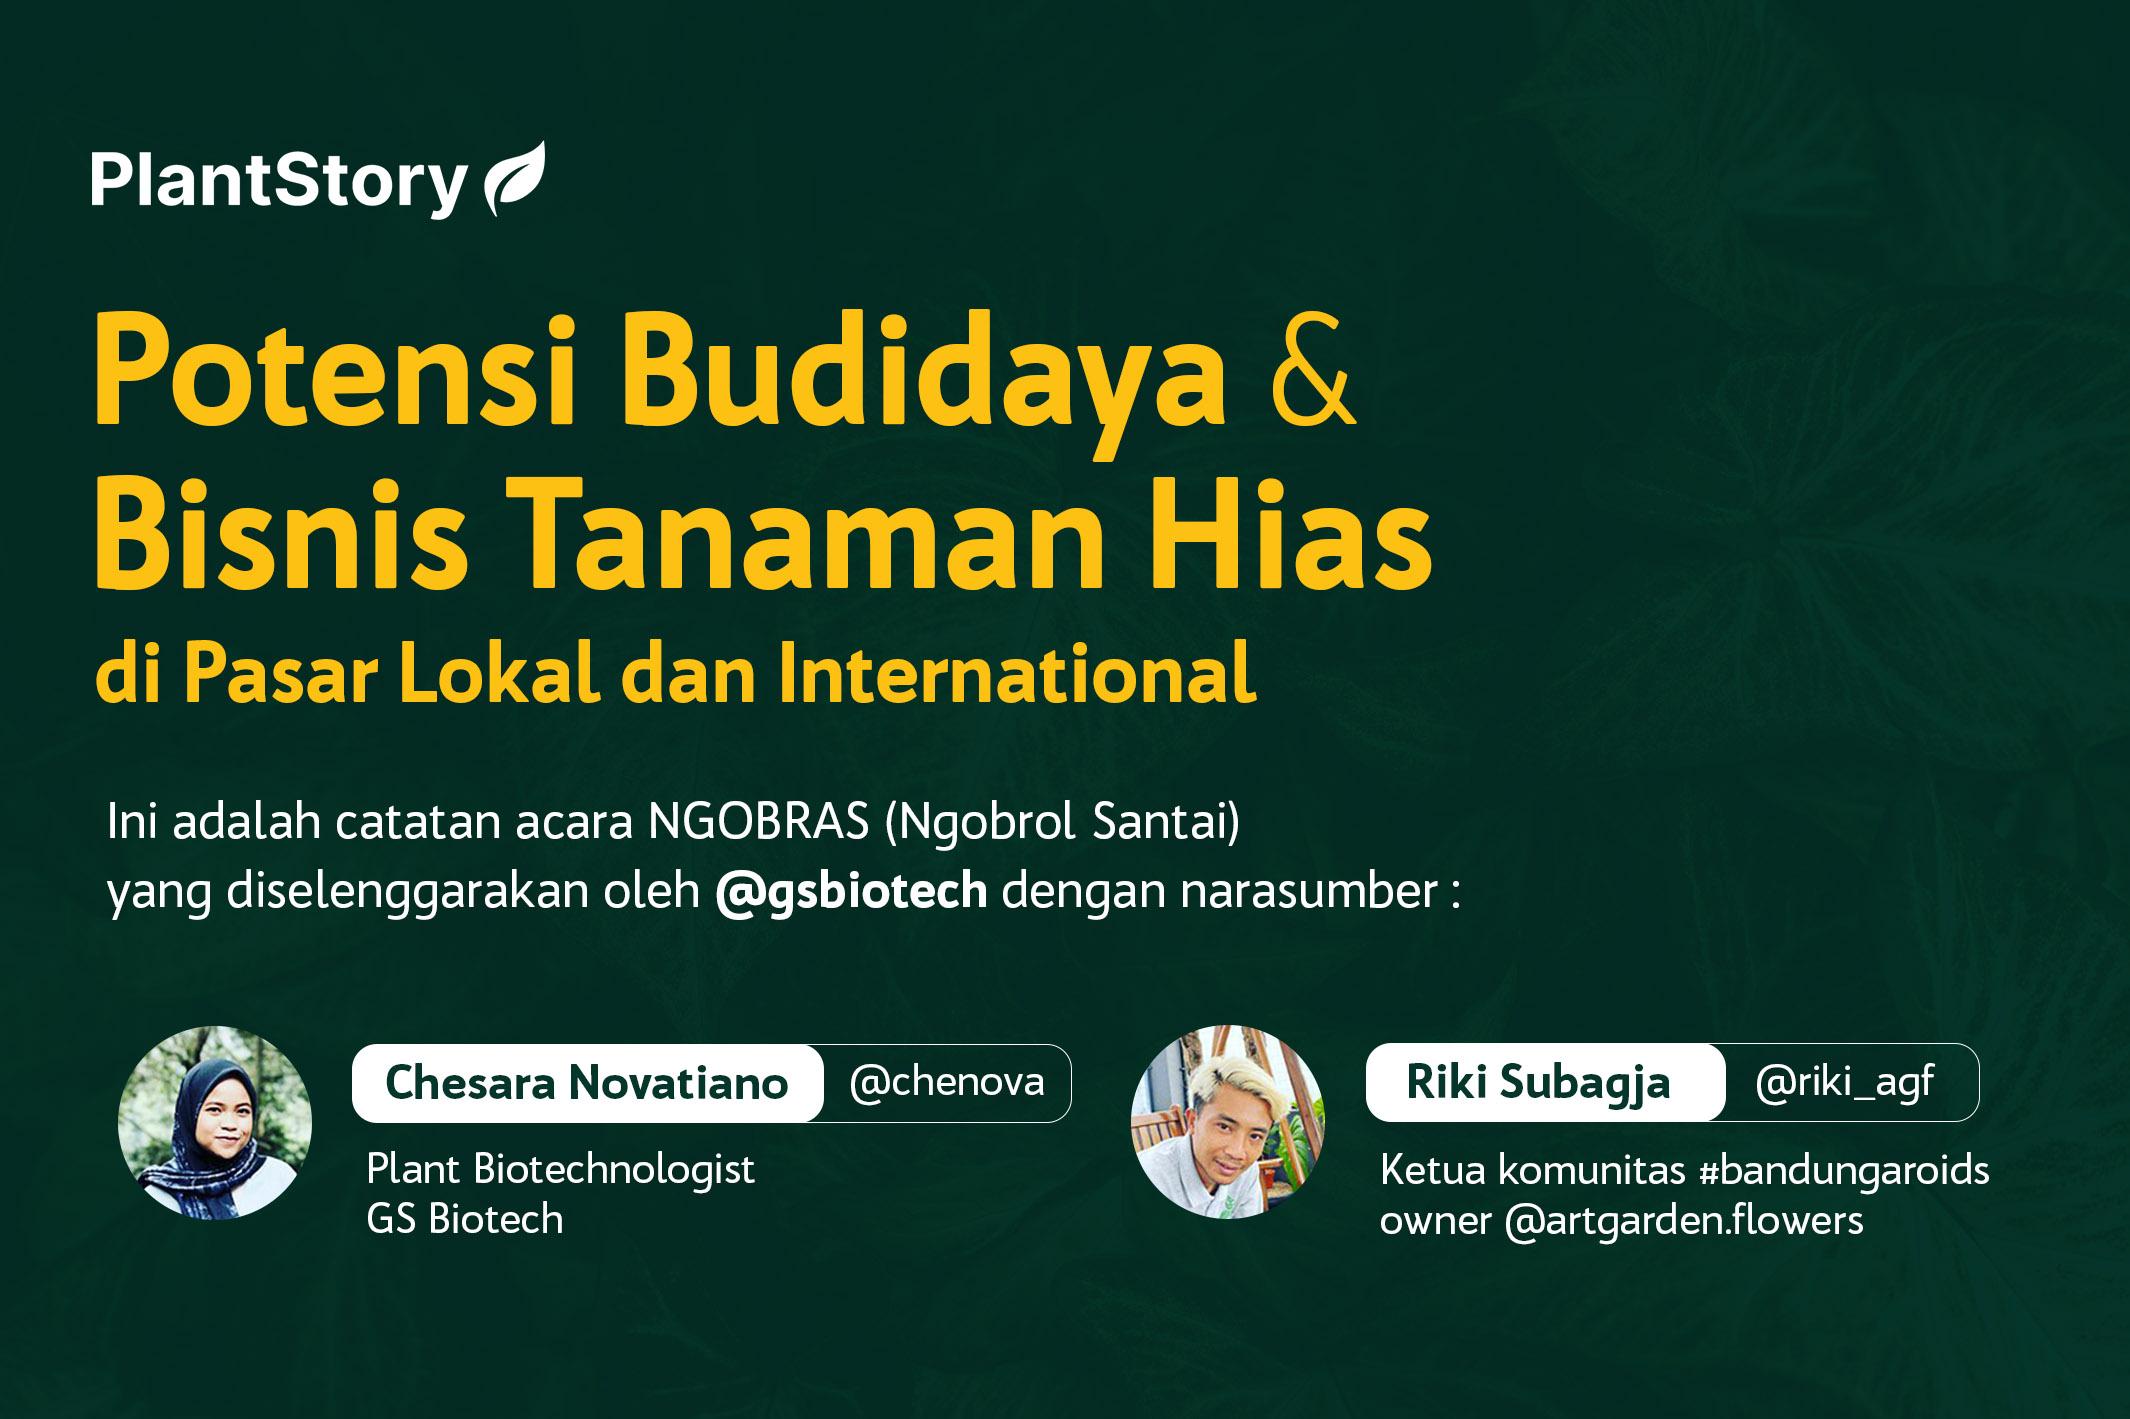 Potensi Budidaya dan Bisnis Tanaman Hias di Pasar Lokal dan International